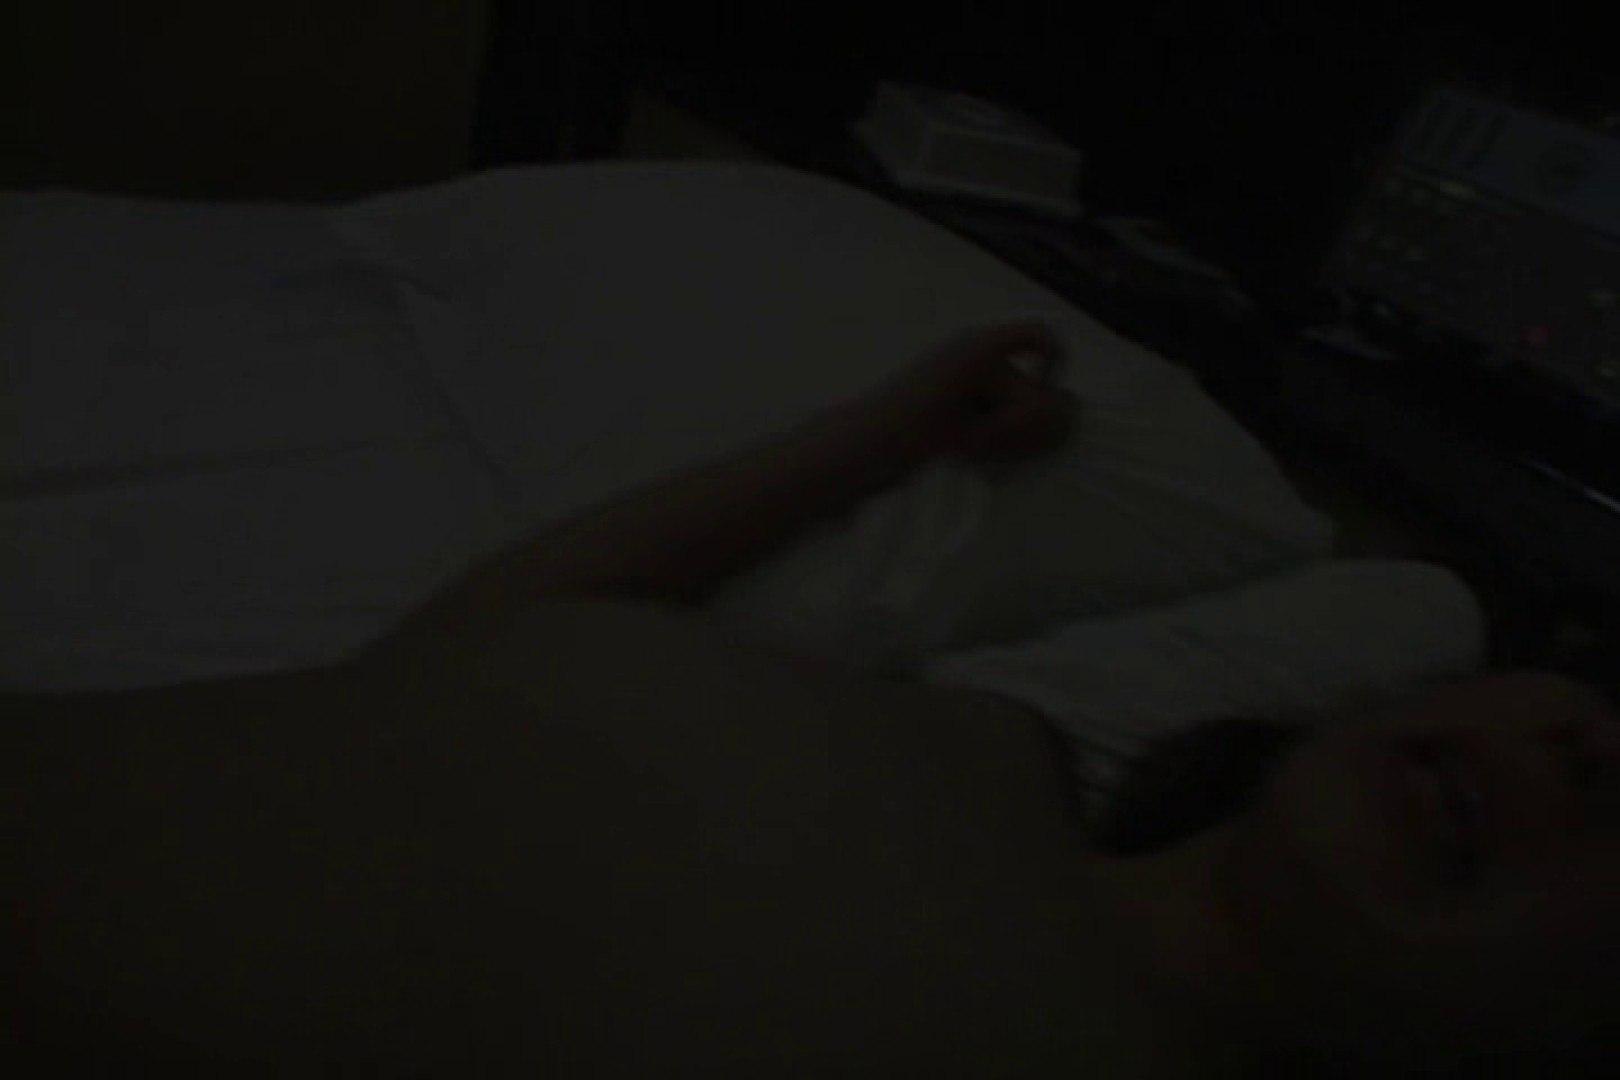 私敏感なの、気持ちよすぎて変になりそう!~水沢舞未~ 熟女のエッチ  89pic 6